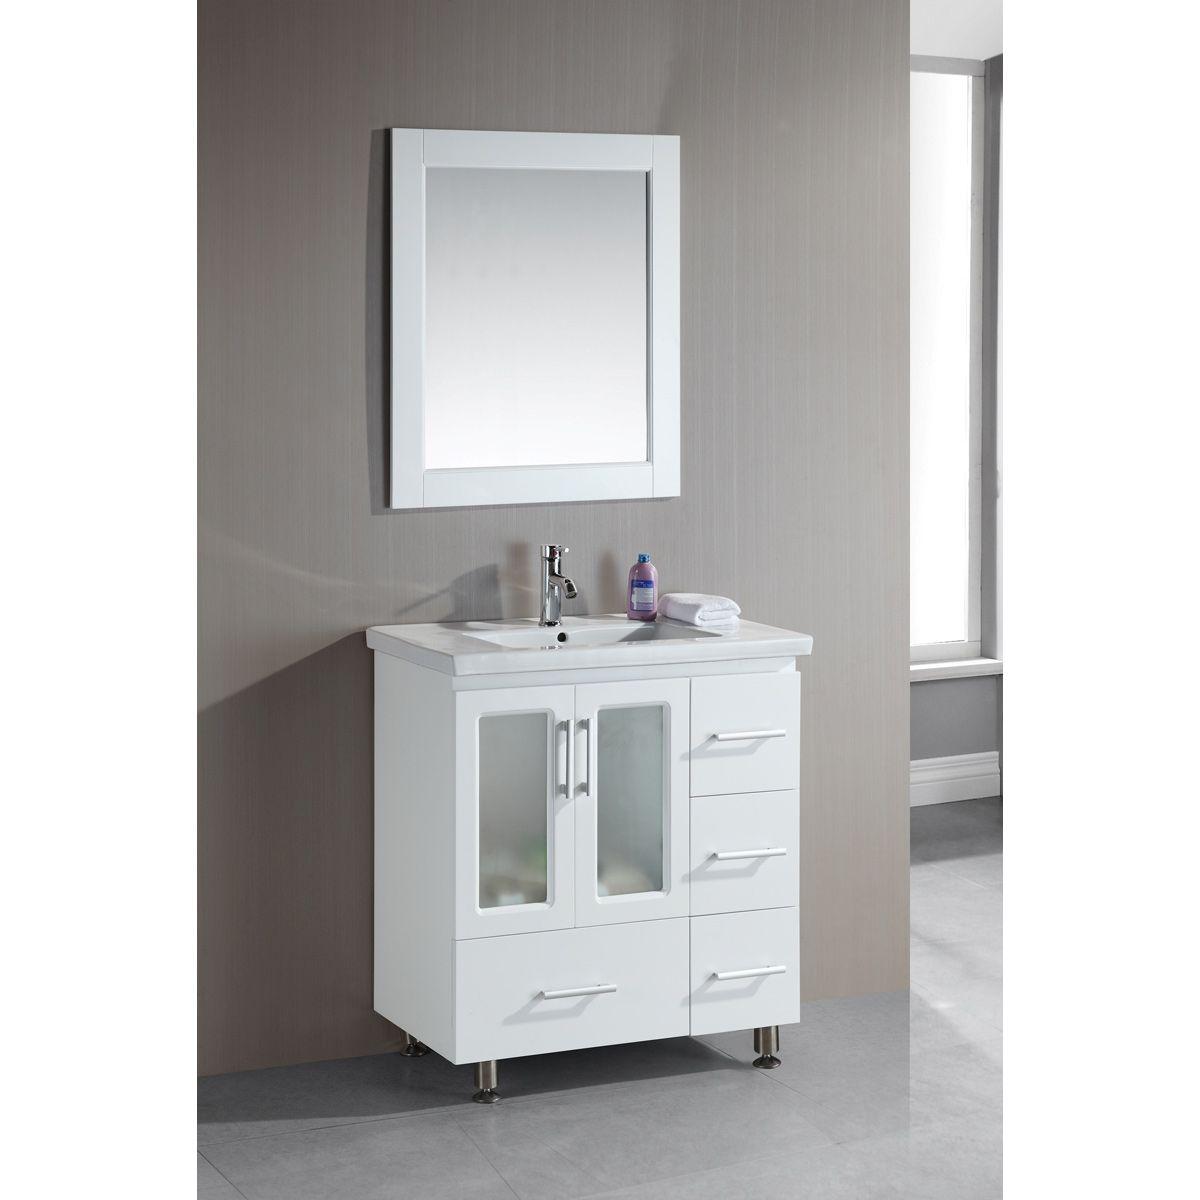 Our Best Bathroom Furniture Deals Small Bathroom Vanities Modern Bathroom Cabinets Narrow Bathroom Vanities [ 1200 x 1200 Pixel ]